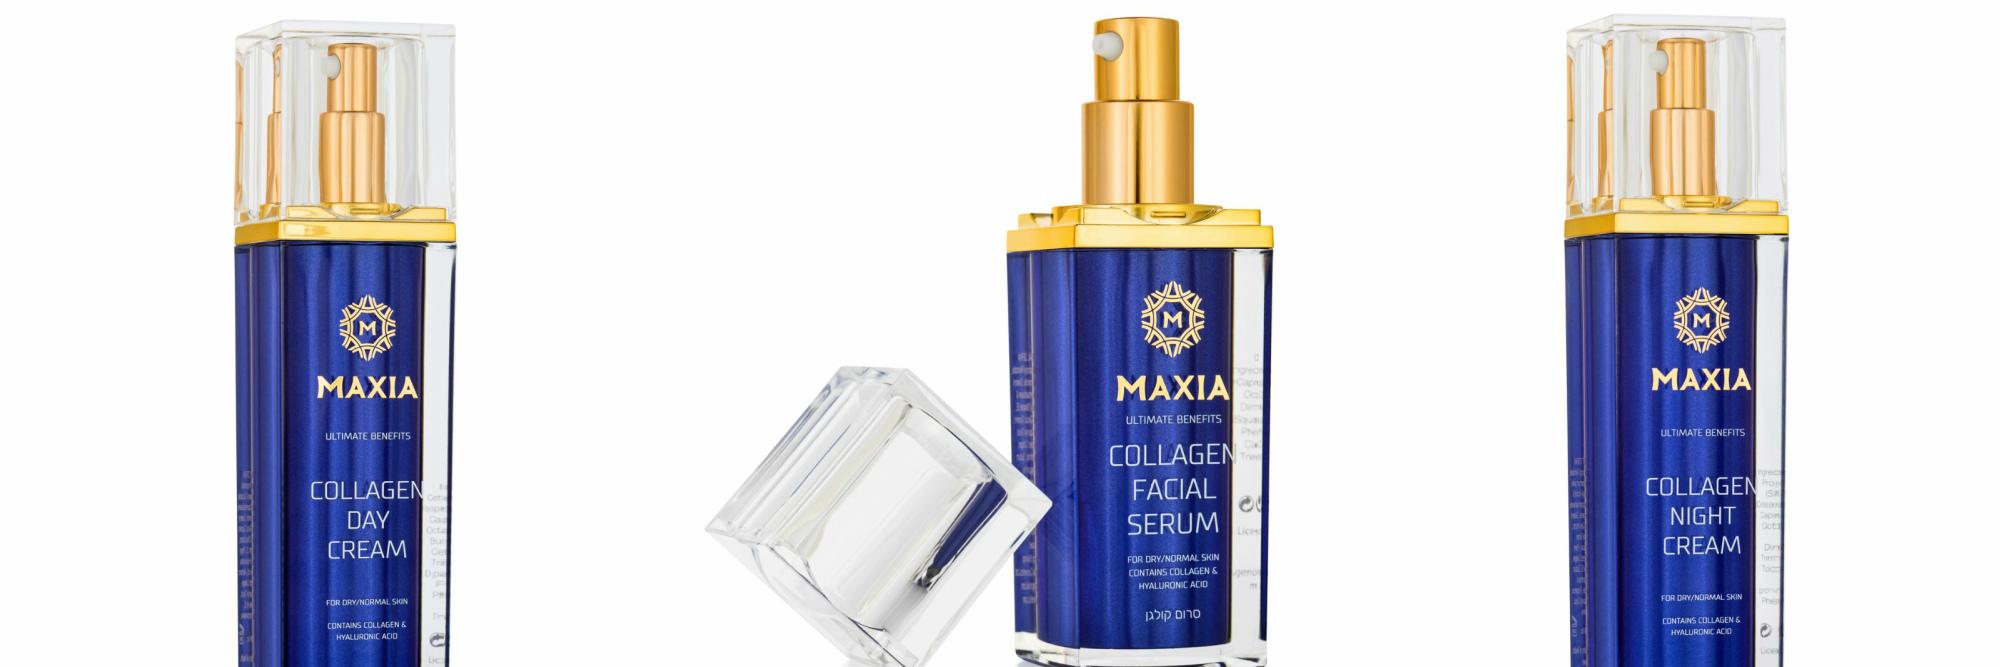 Коллагеновые продукты Maxia – действенная косметика омоложения